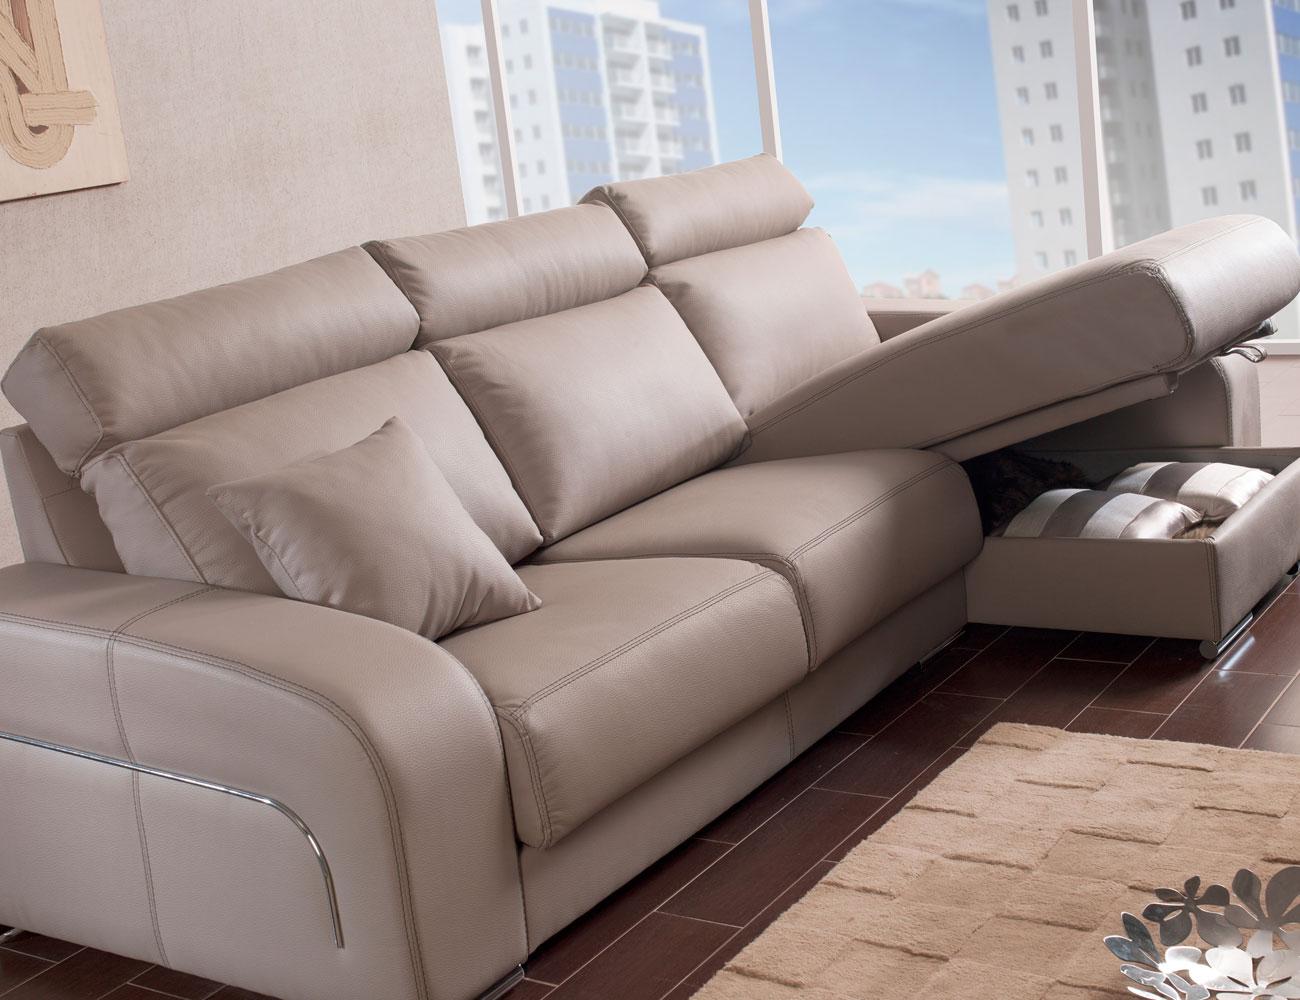 Sofa chaiselongue moderno pared cero arcon7